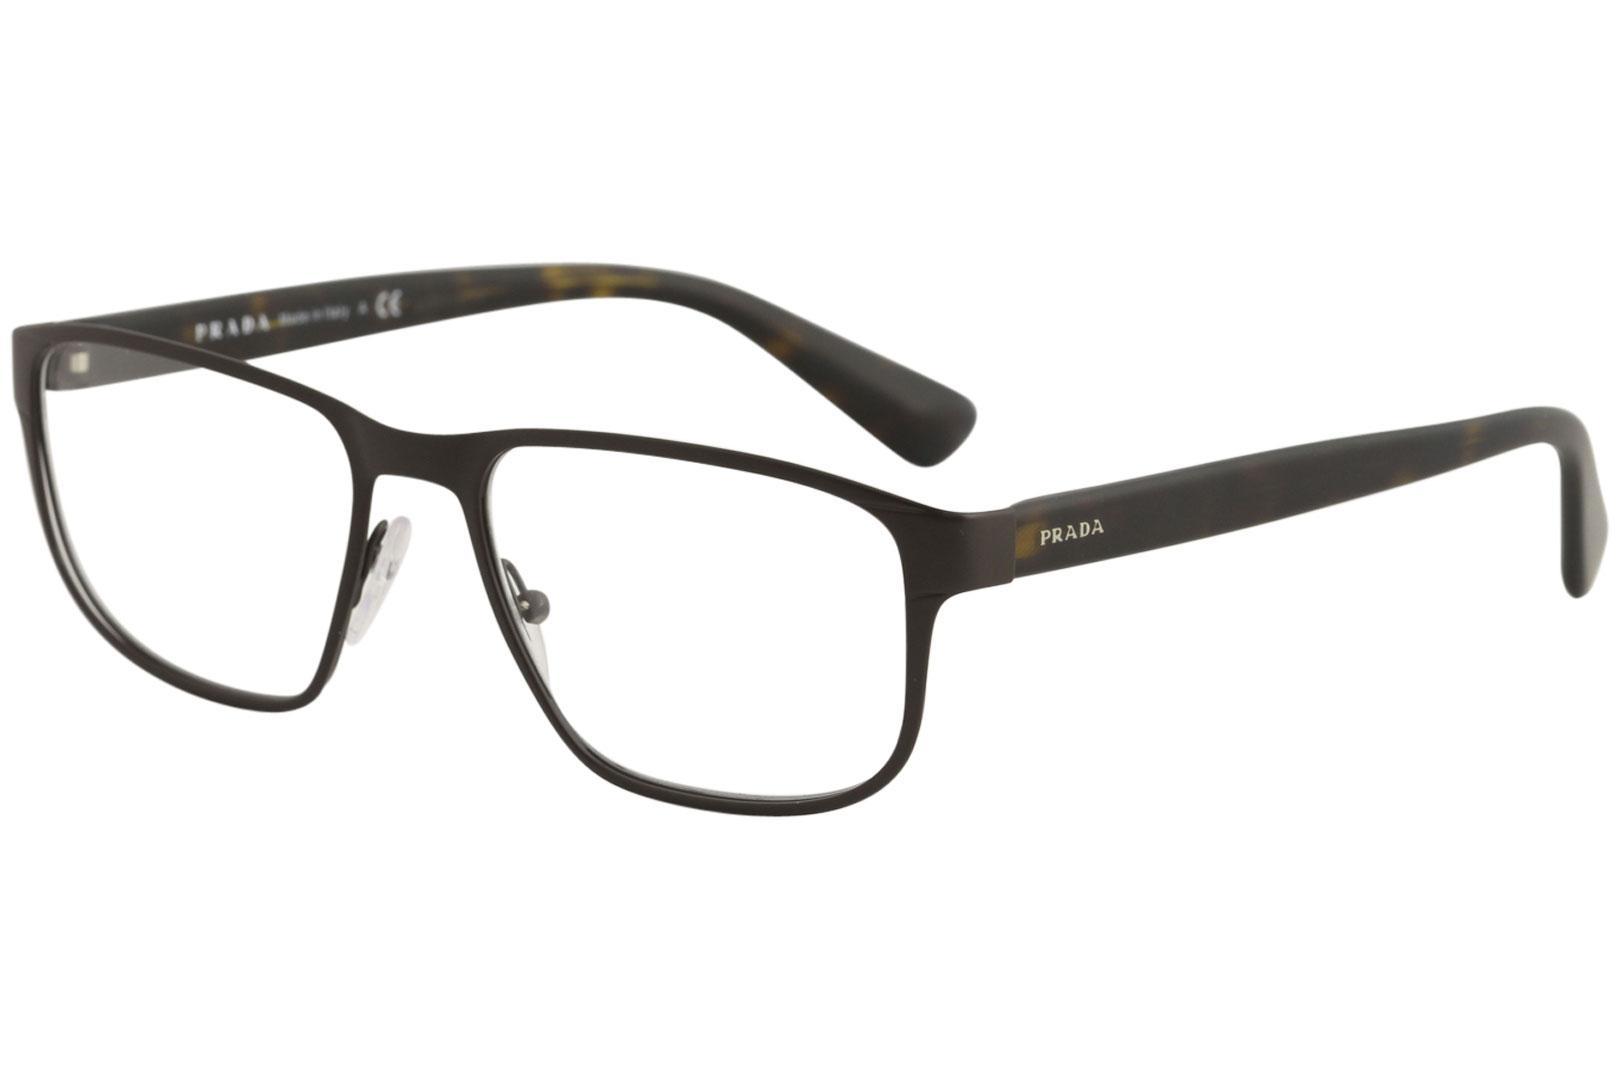 Prada Men\'s Eyeglasses VPR56S VPR/56/S Full Rim Optical Frame